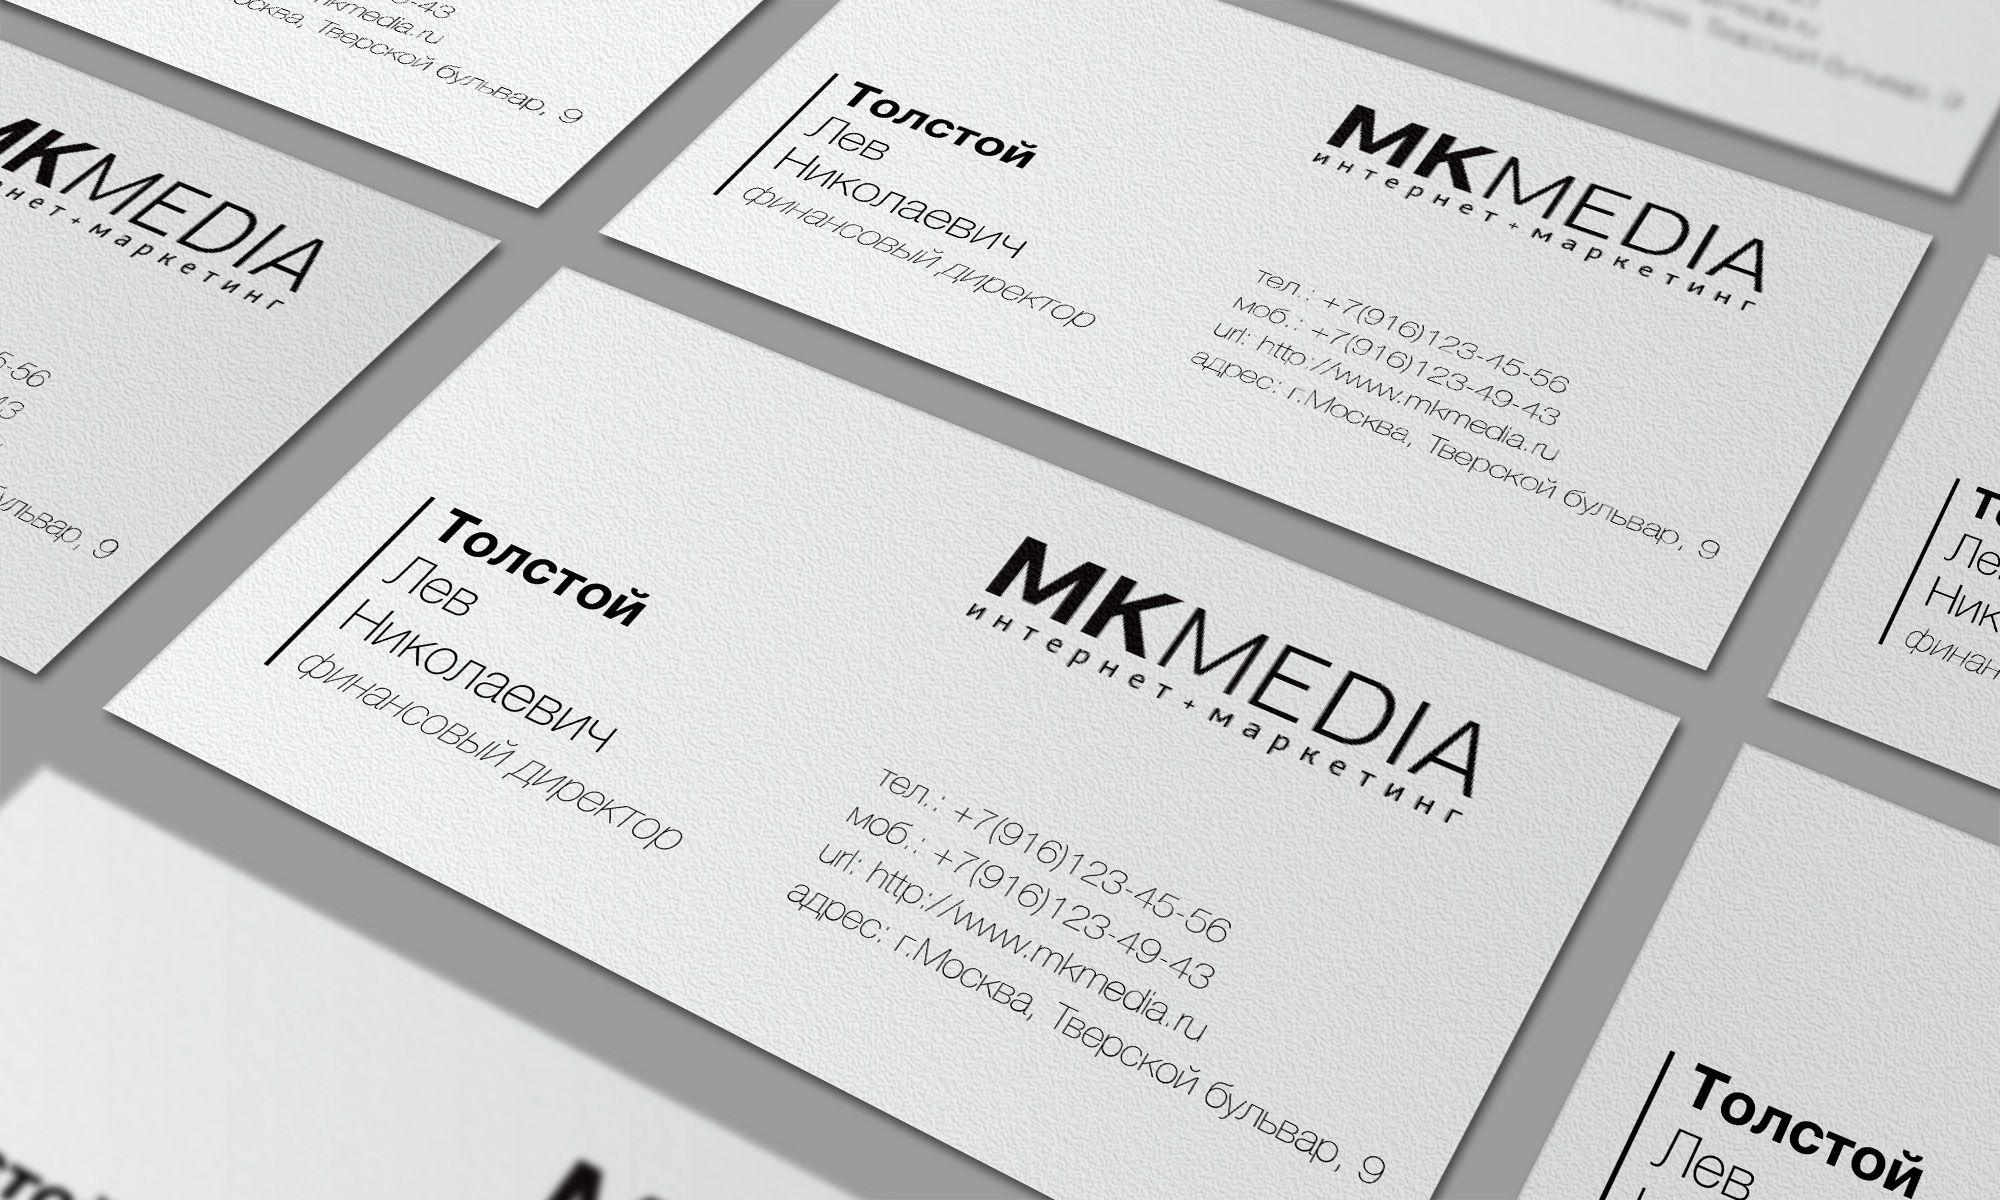 Разработка дизайна визитной карточки - дизайнер platon_karataev